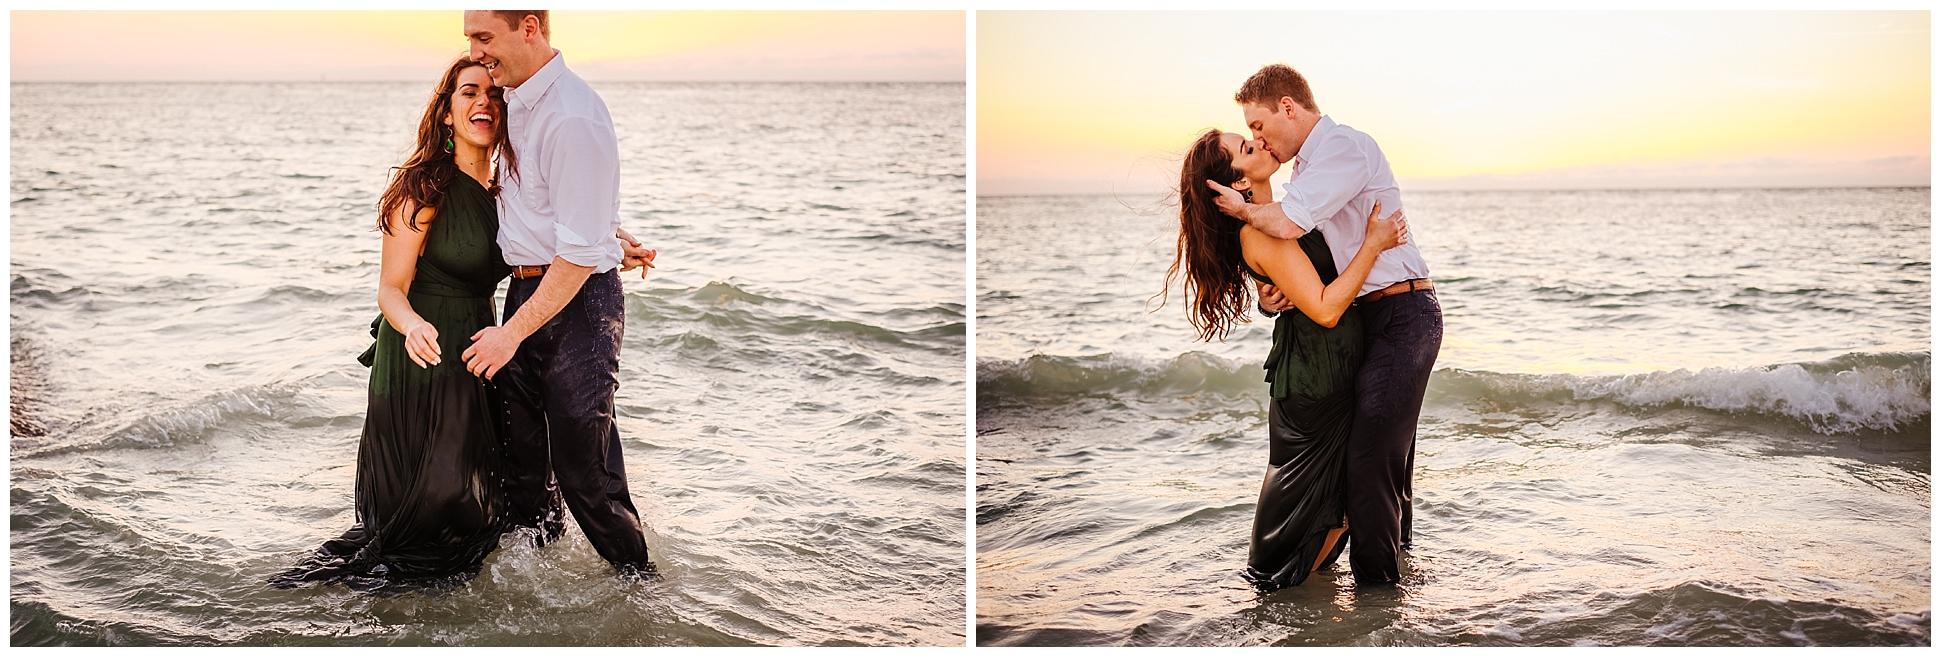 tampa-fort de soto-beach-green dress-water-love-engagement_0058.jpg